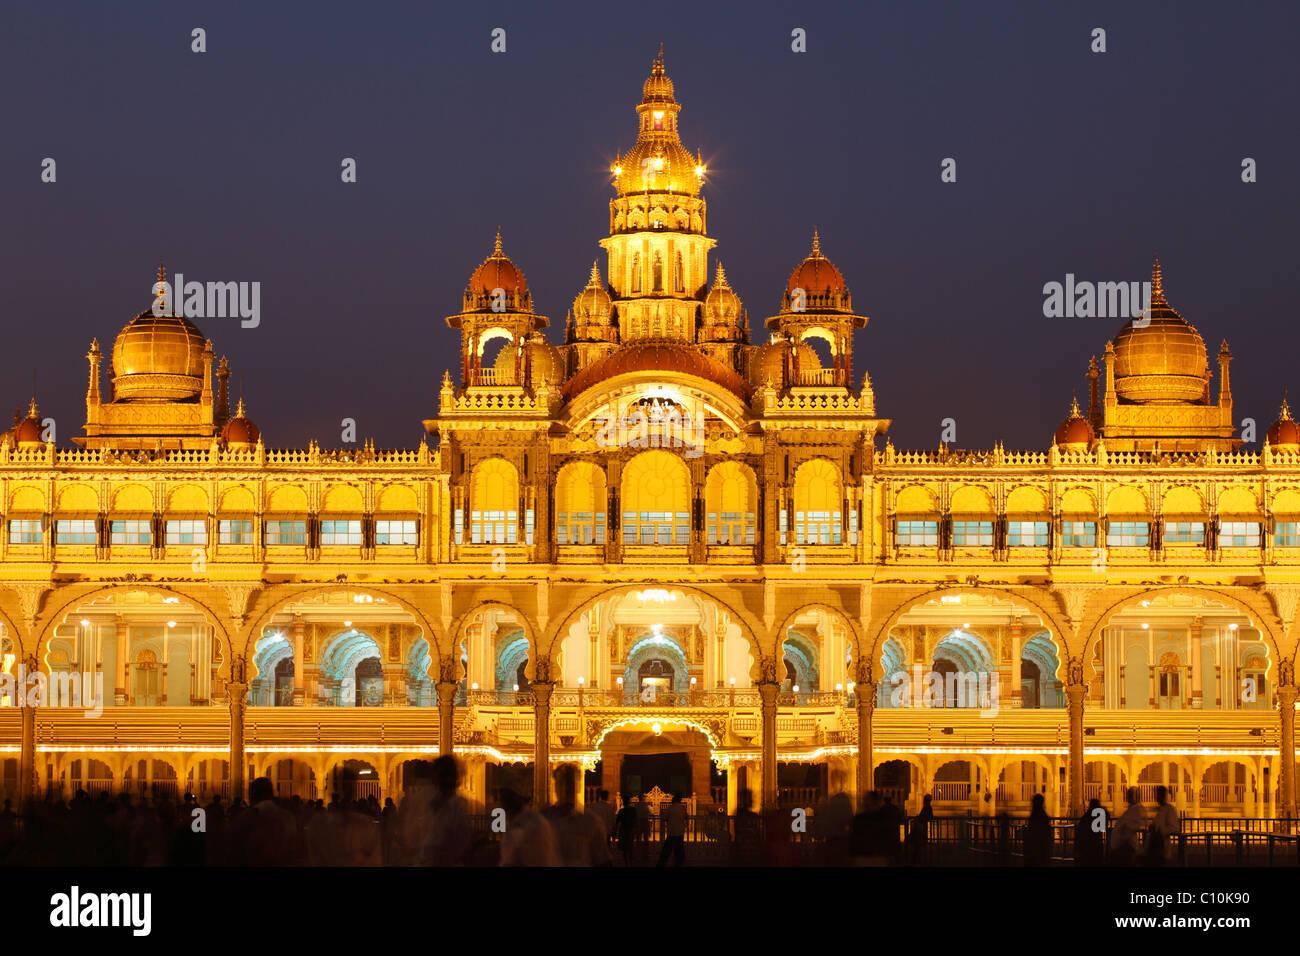 Maharaja Palace, Mysore Palace, illumination at night, Mysore, Karnataka, South India, India, South Asia, Asia - Stock Image